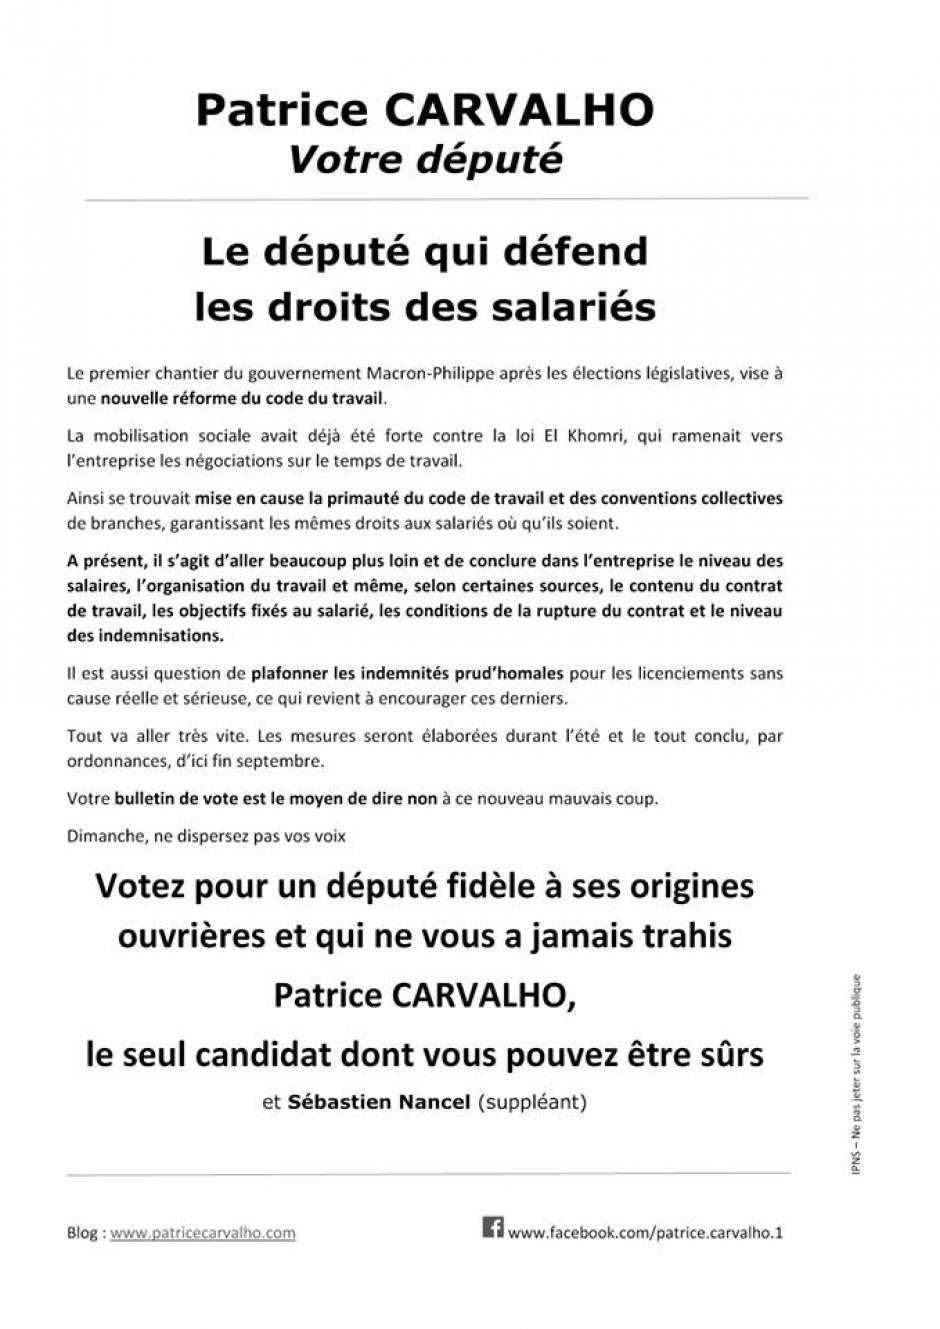 Tract « Patrice Carvalho, votre député : le député qui défend le droit des salariés » - 6e circonscription de l'Oise, 8 juin 2017